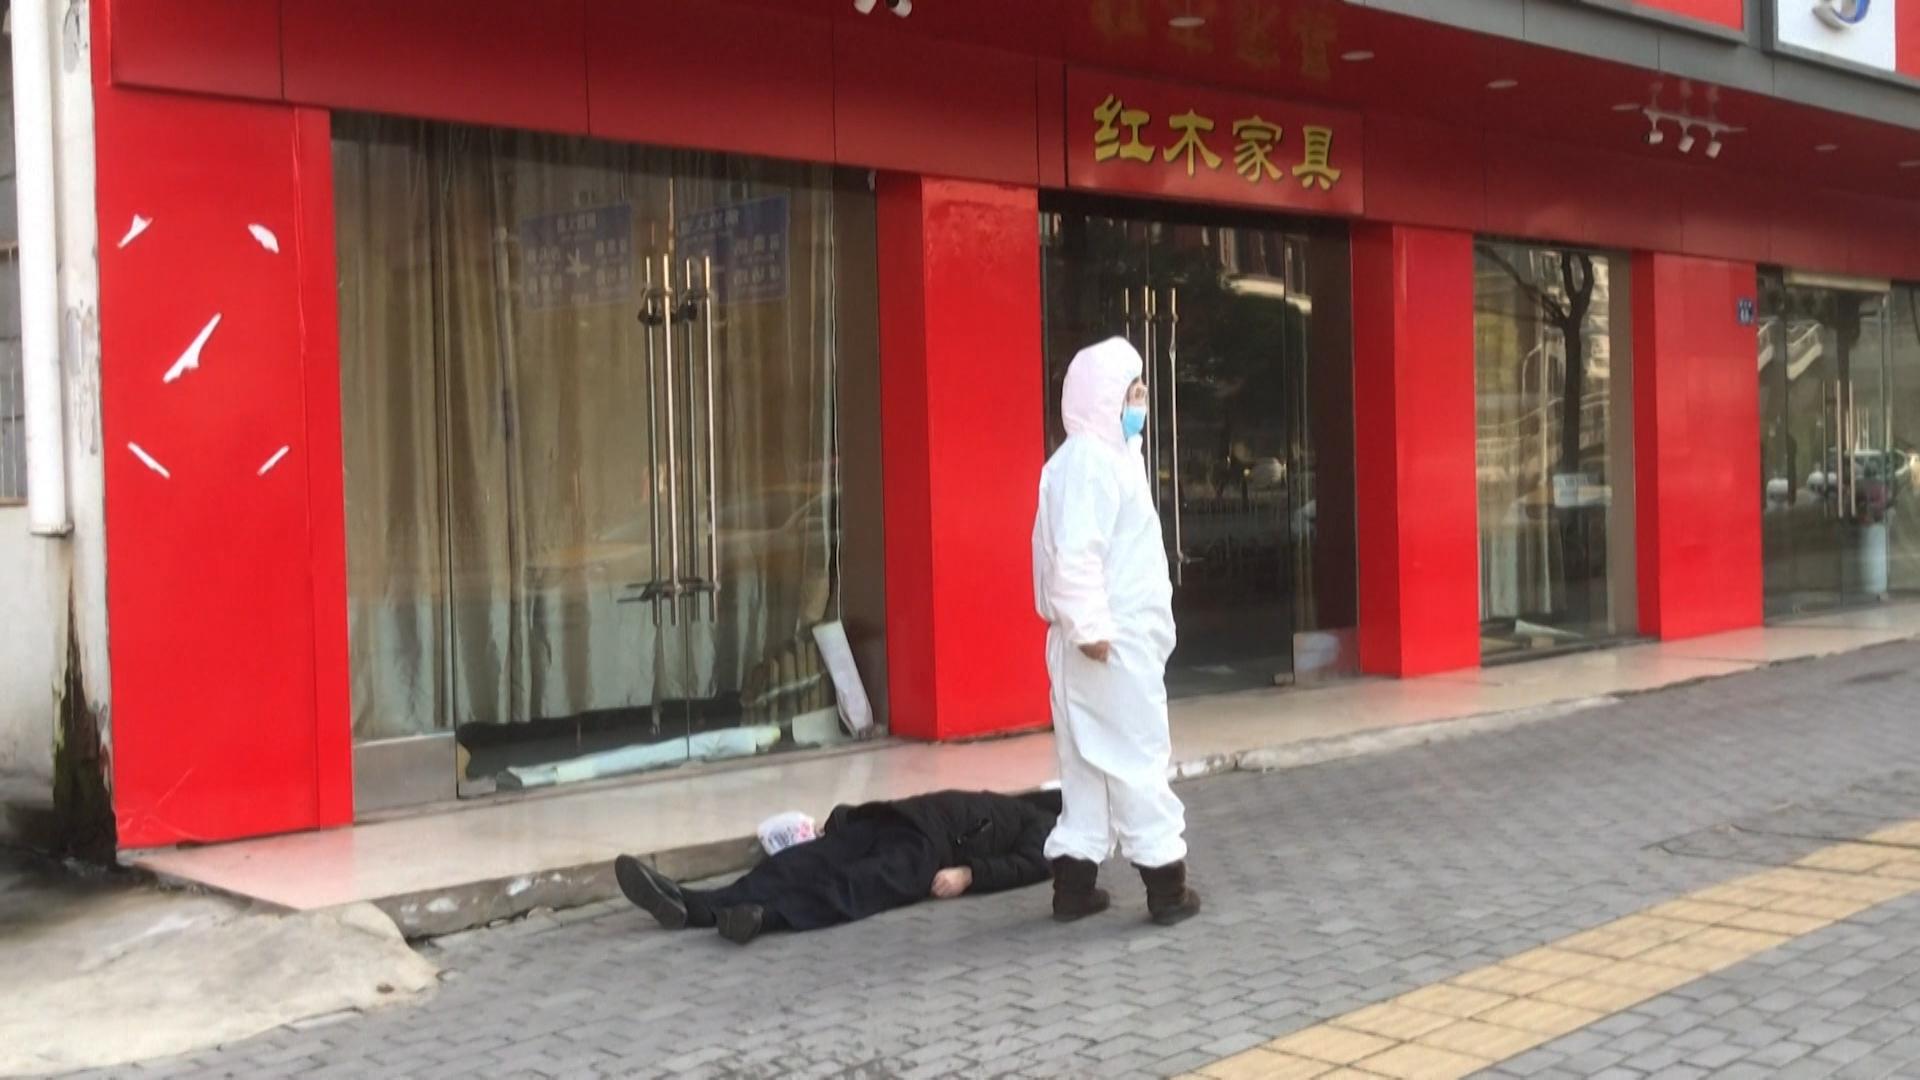 擴散前夕:武漢封城實錄